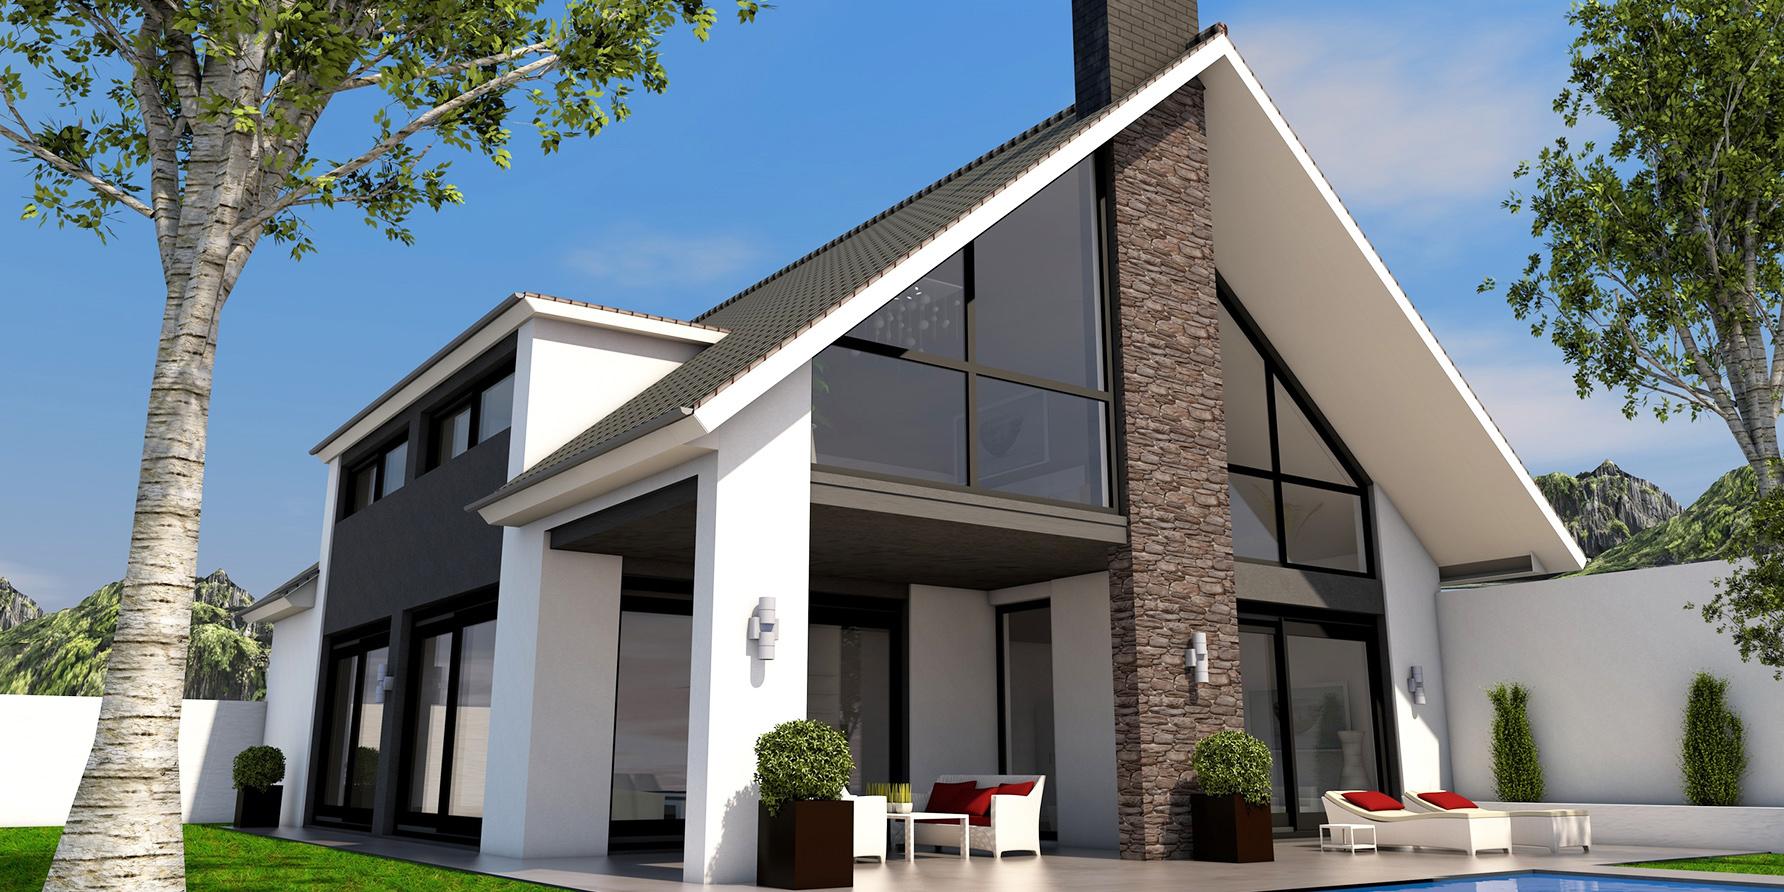 Constructeur maison ossature bois pas cher maison parallele for Constructeur chalet prix